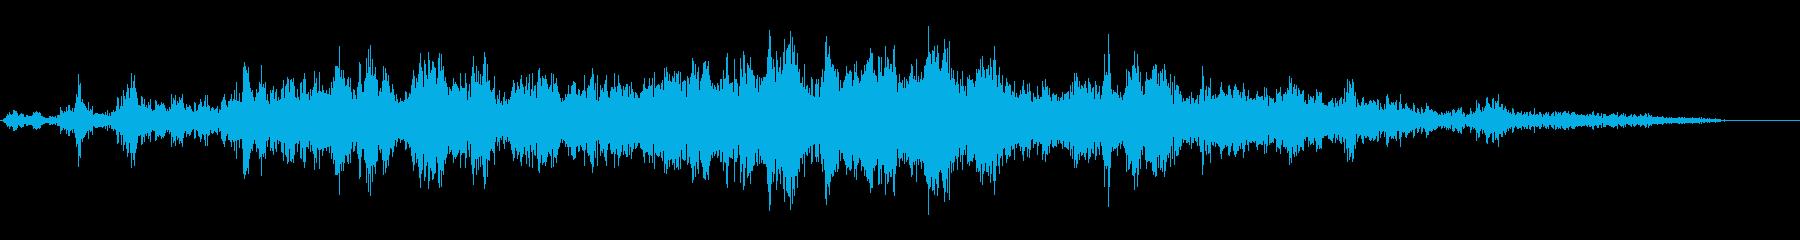 飛行機、ジェット機の飛行音の再生済みの波形